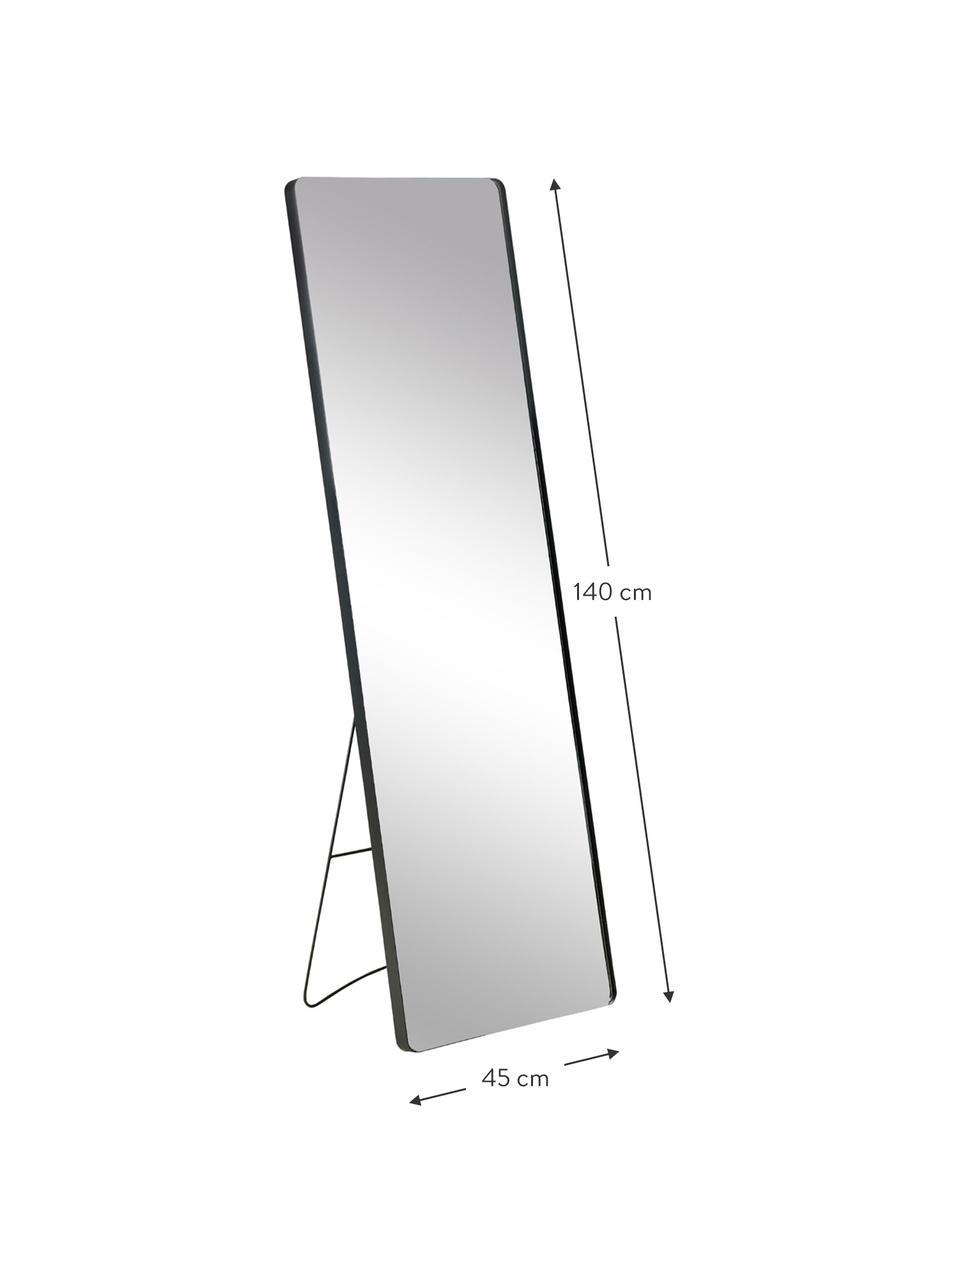 Specchio quadrato da terra con cornice in metallo nero Stefo, Cornice: metallo rivestito, Superficie dello specchio: lastra di vetro, Nero, Larg. 45 x Alt. 140 cm